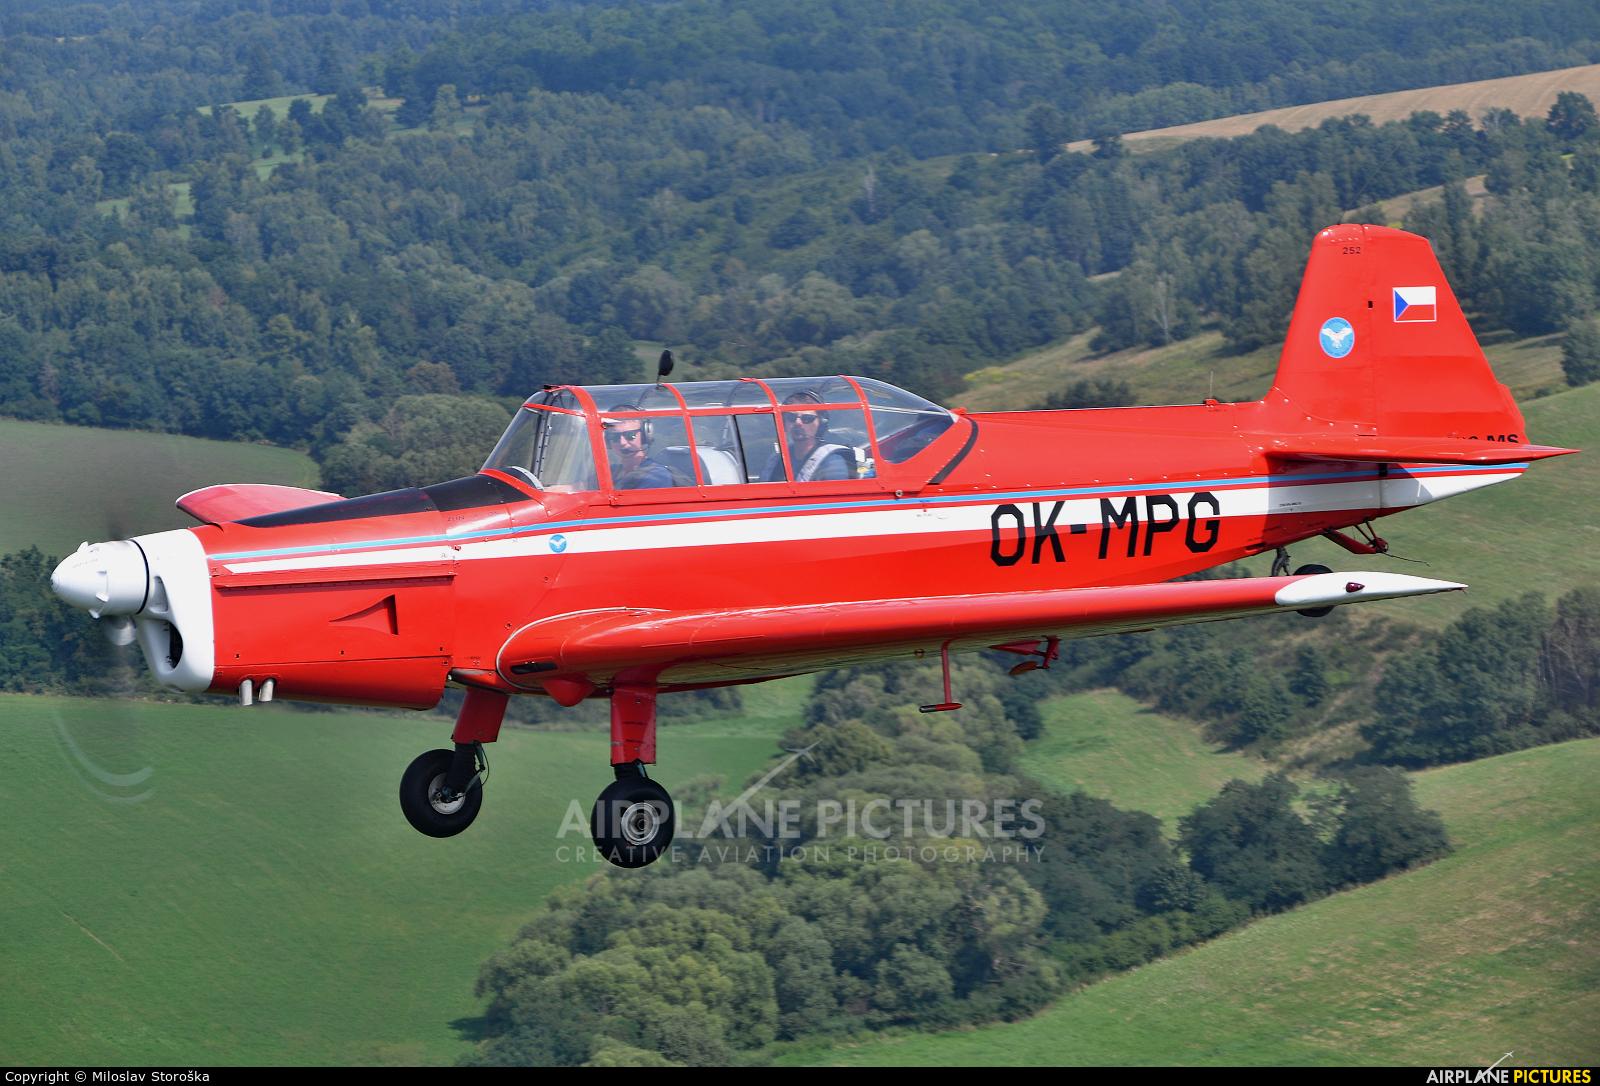 Aeroklub Vyskov OK-MPG aircraft at In Flight - Slovakia